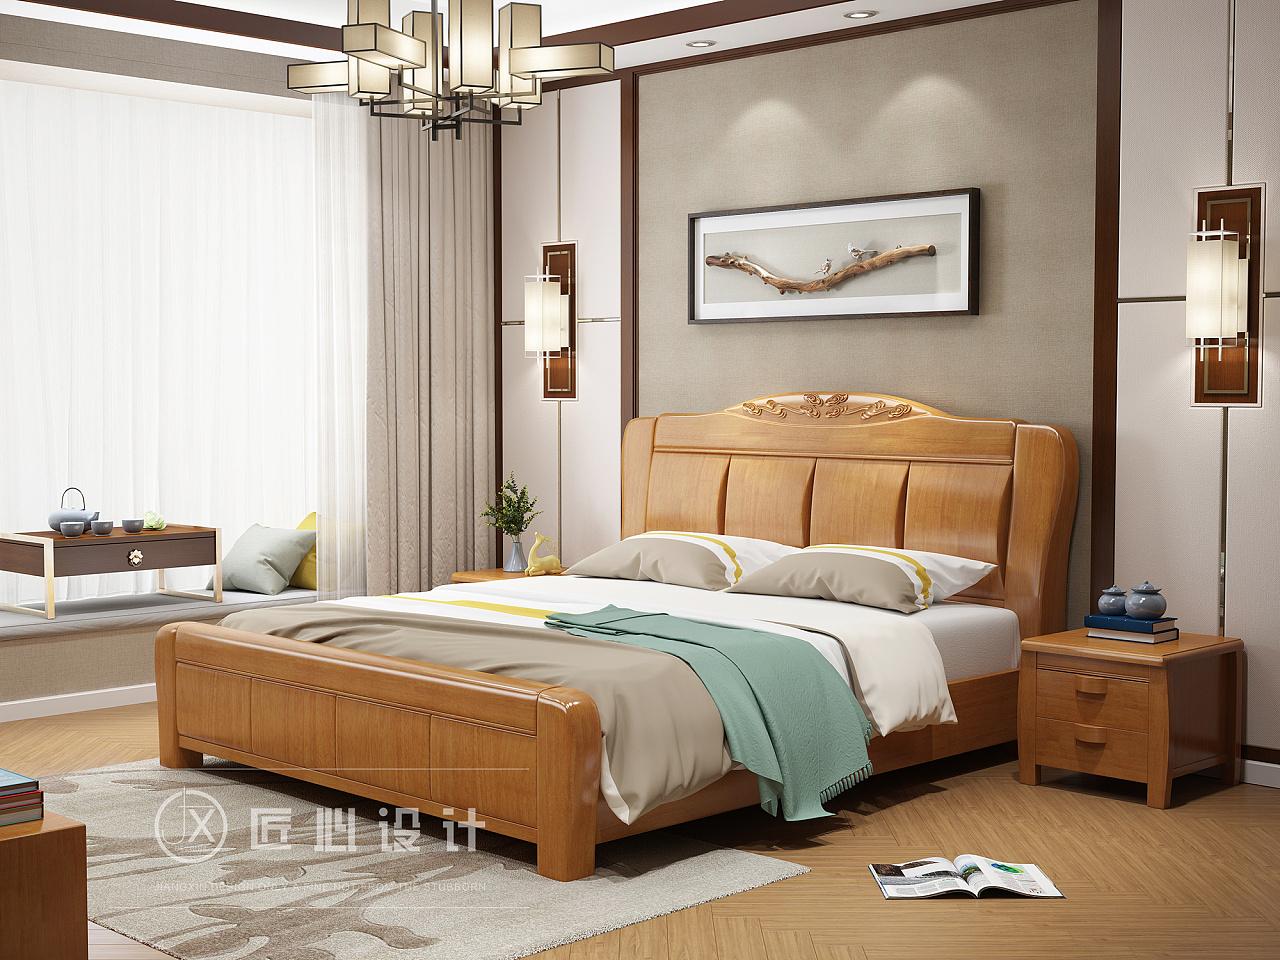 家具效果图|空间|室内设计|稳住能赢 - 原创作品